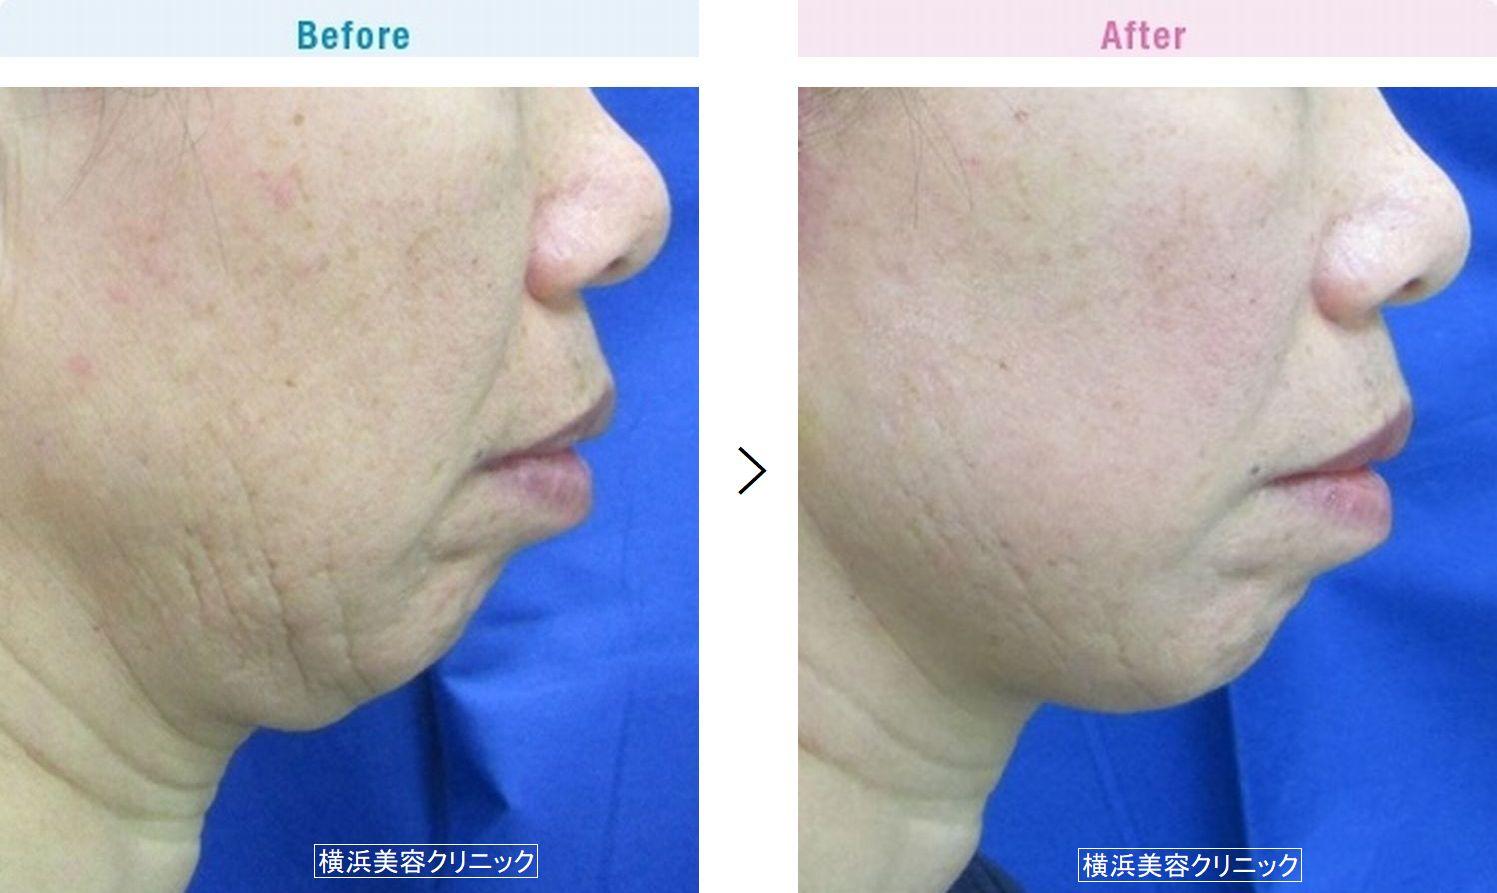 【50代女性】アゴ下から首のタルミに対してはネックリフト(首の切開リフト)が有効です。【横浜美容クリニック】